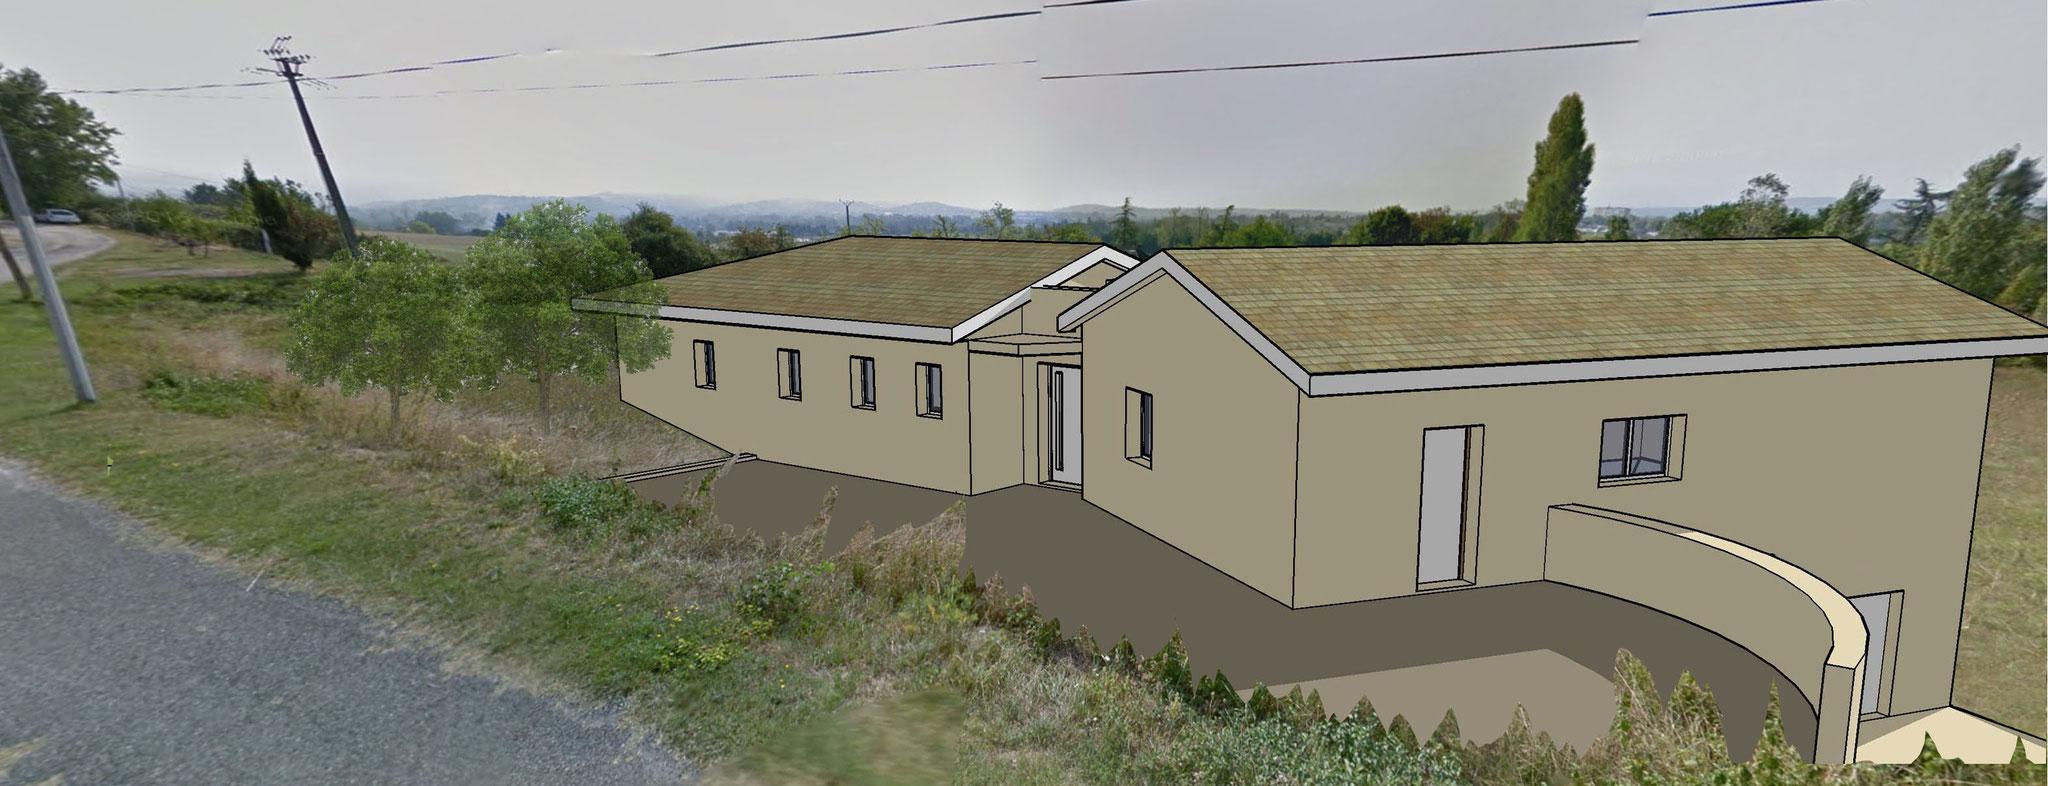 Maisons individuelles neuves site de dbarchitecte - Acces chantier maison individuelle ...